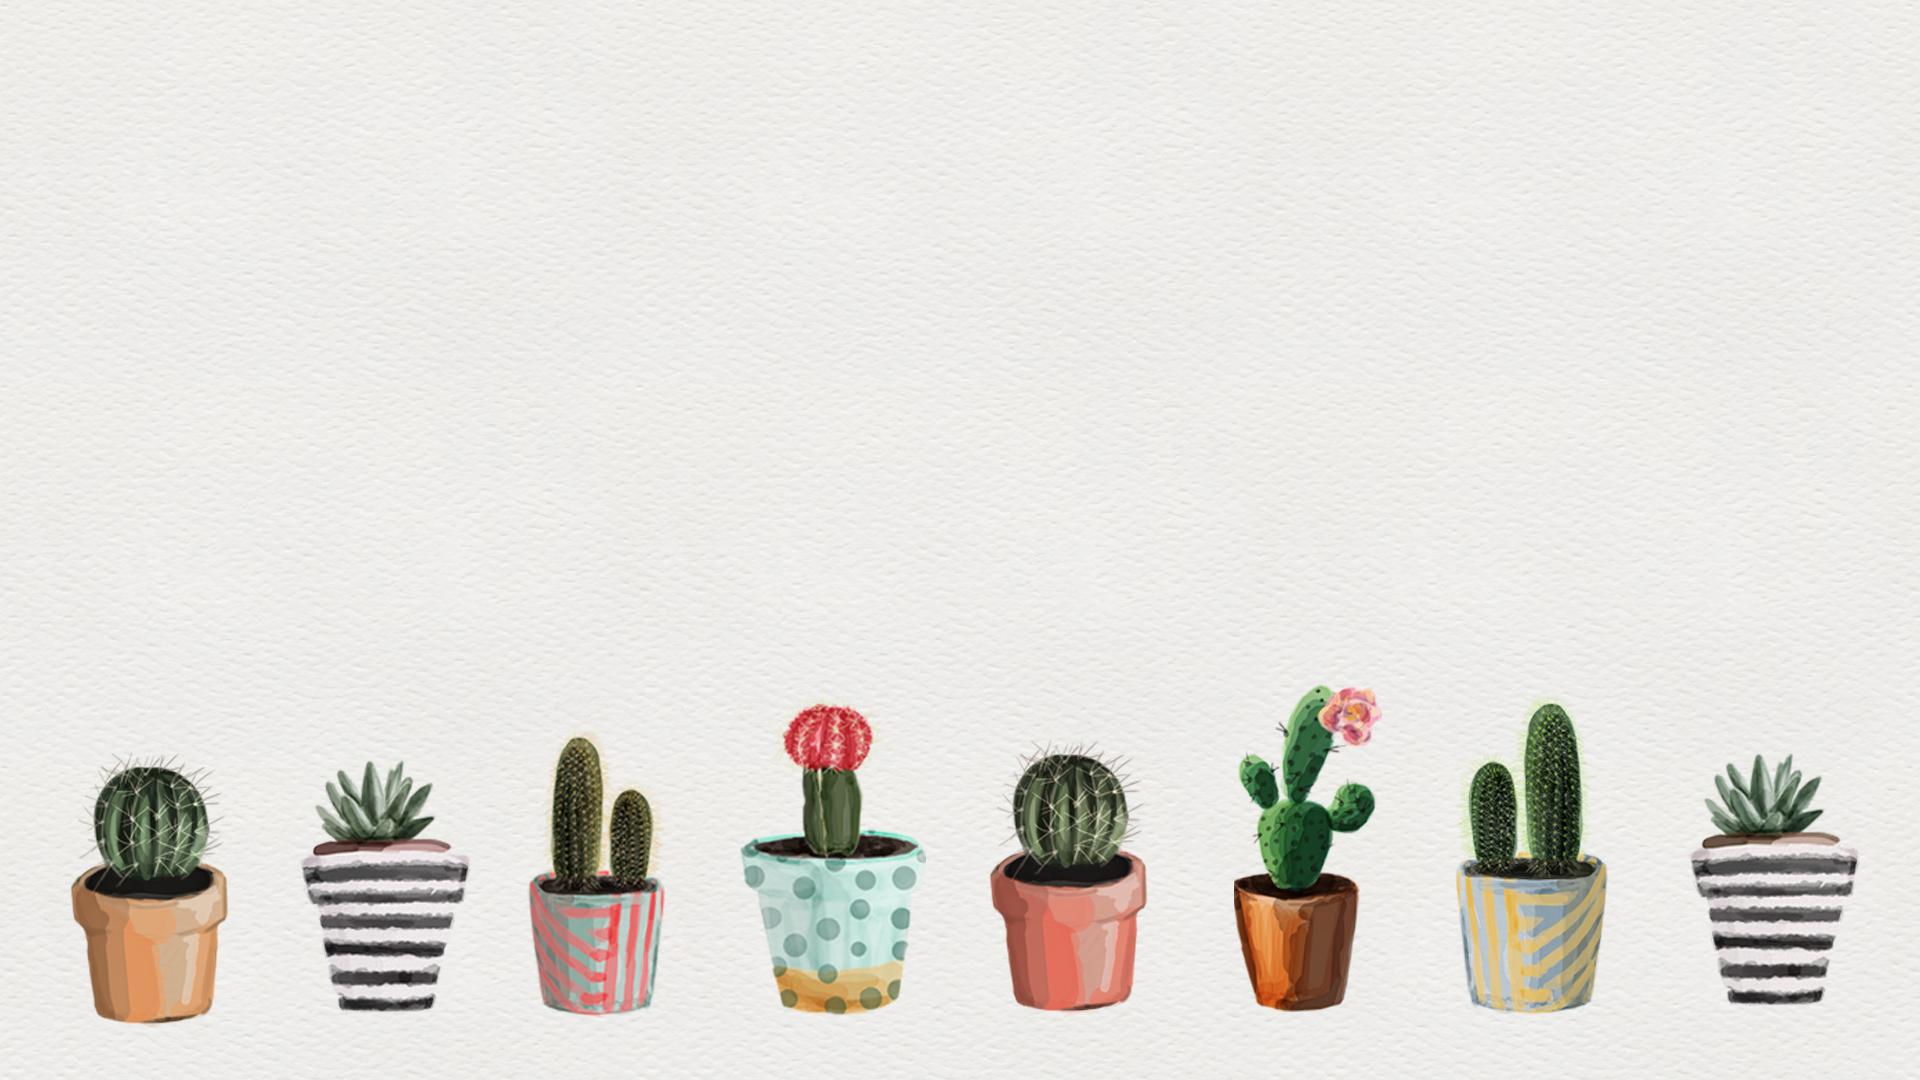 Cactus Wallpaper 52 Images карточка пользователя Abokova2005 в